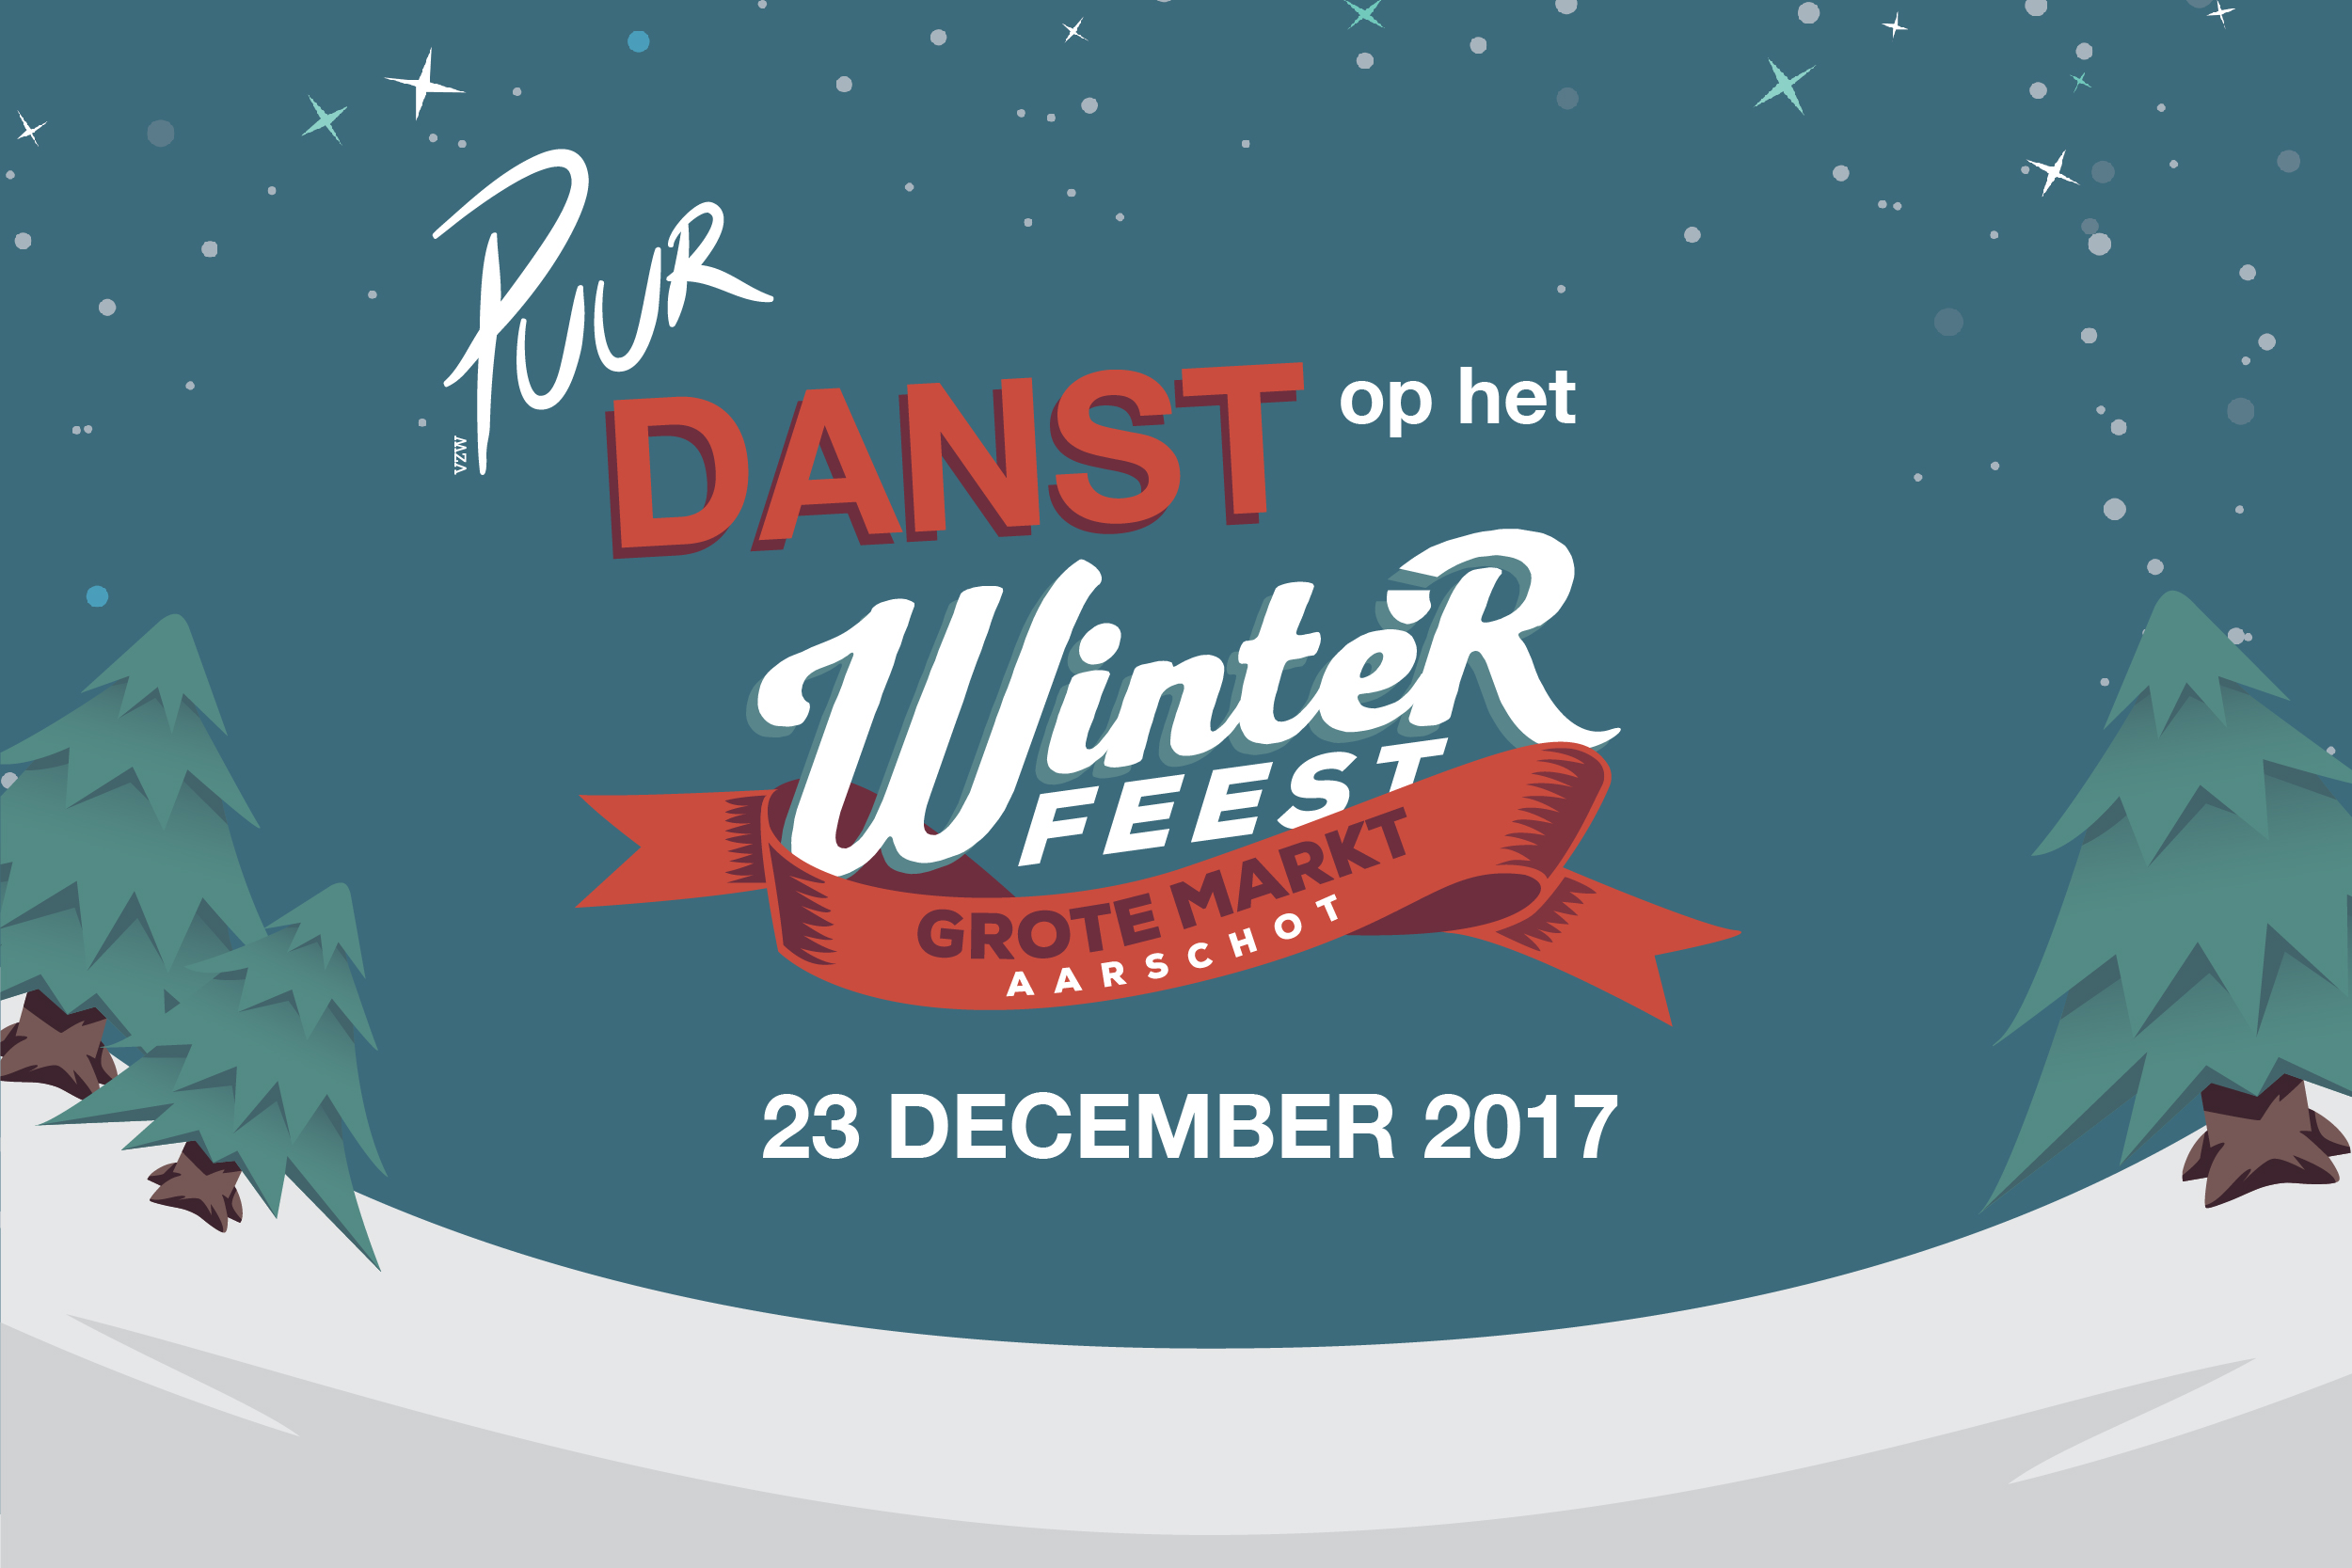 Vzw Puur danst op het Winterfeest!